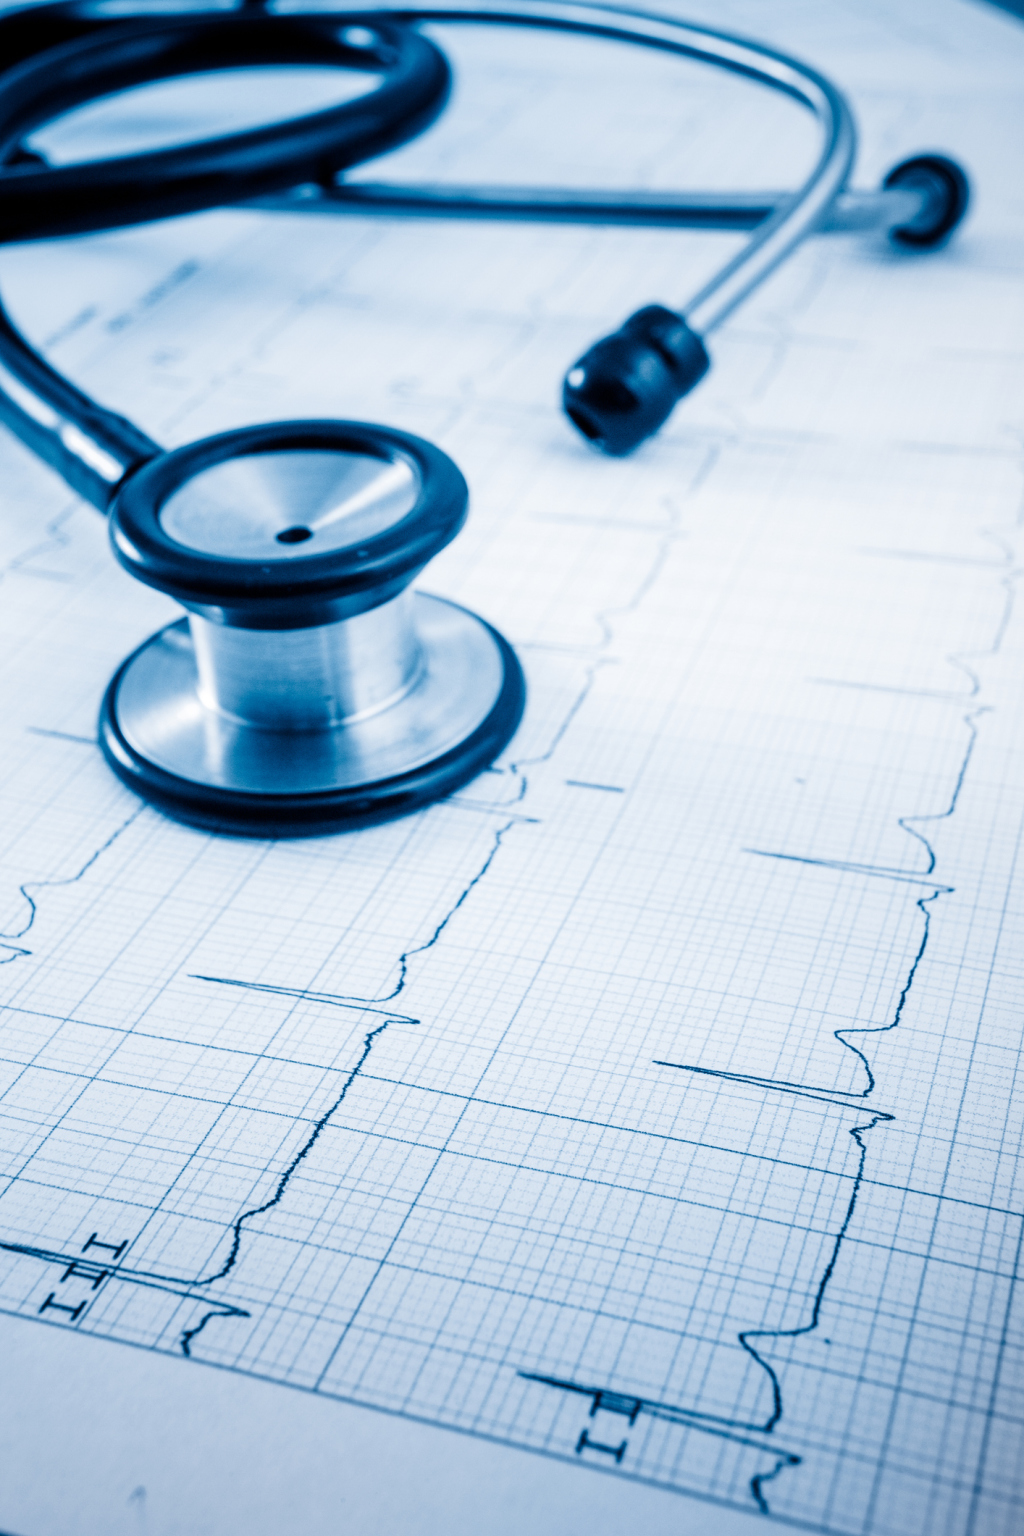 EKG und Stethoskop